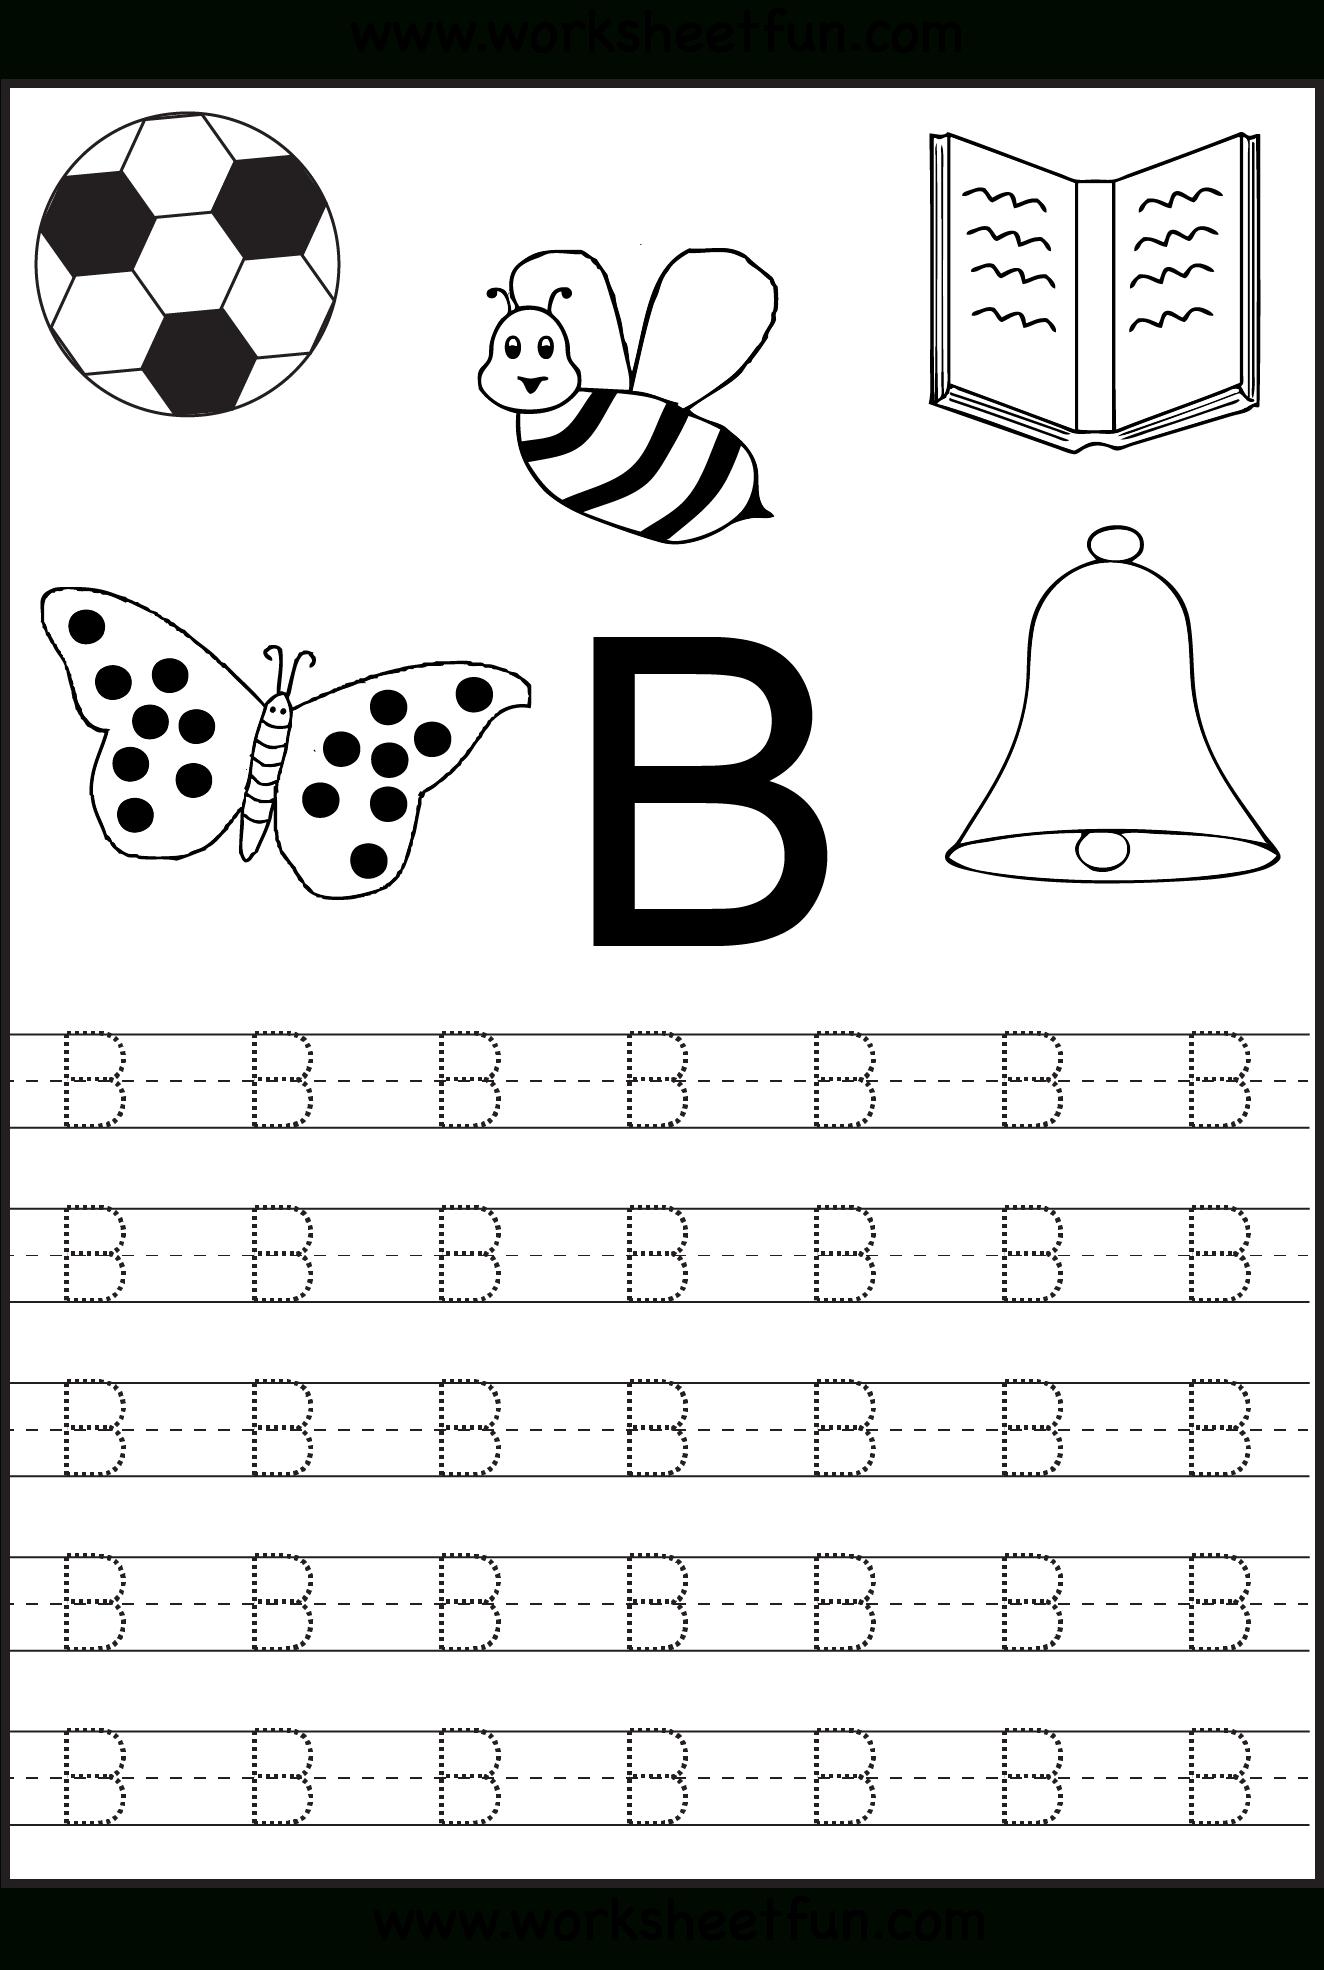 Free Printable Letter Tracing Worksheets For Kindergarten inside Letter I Tracing Preschool